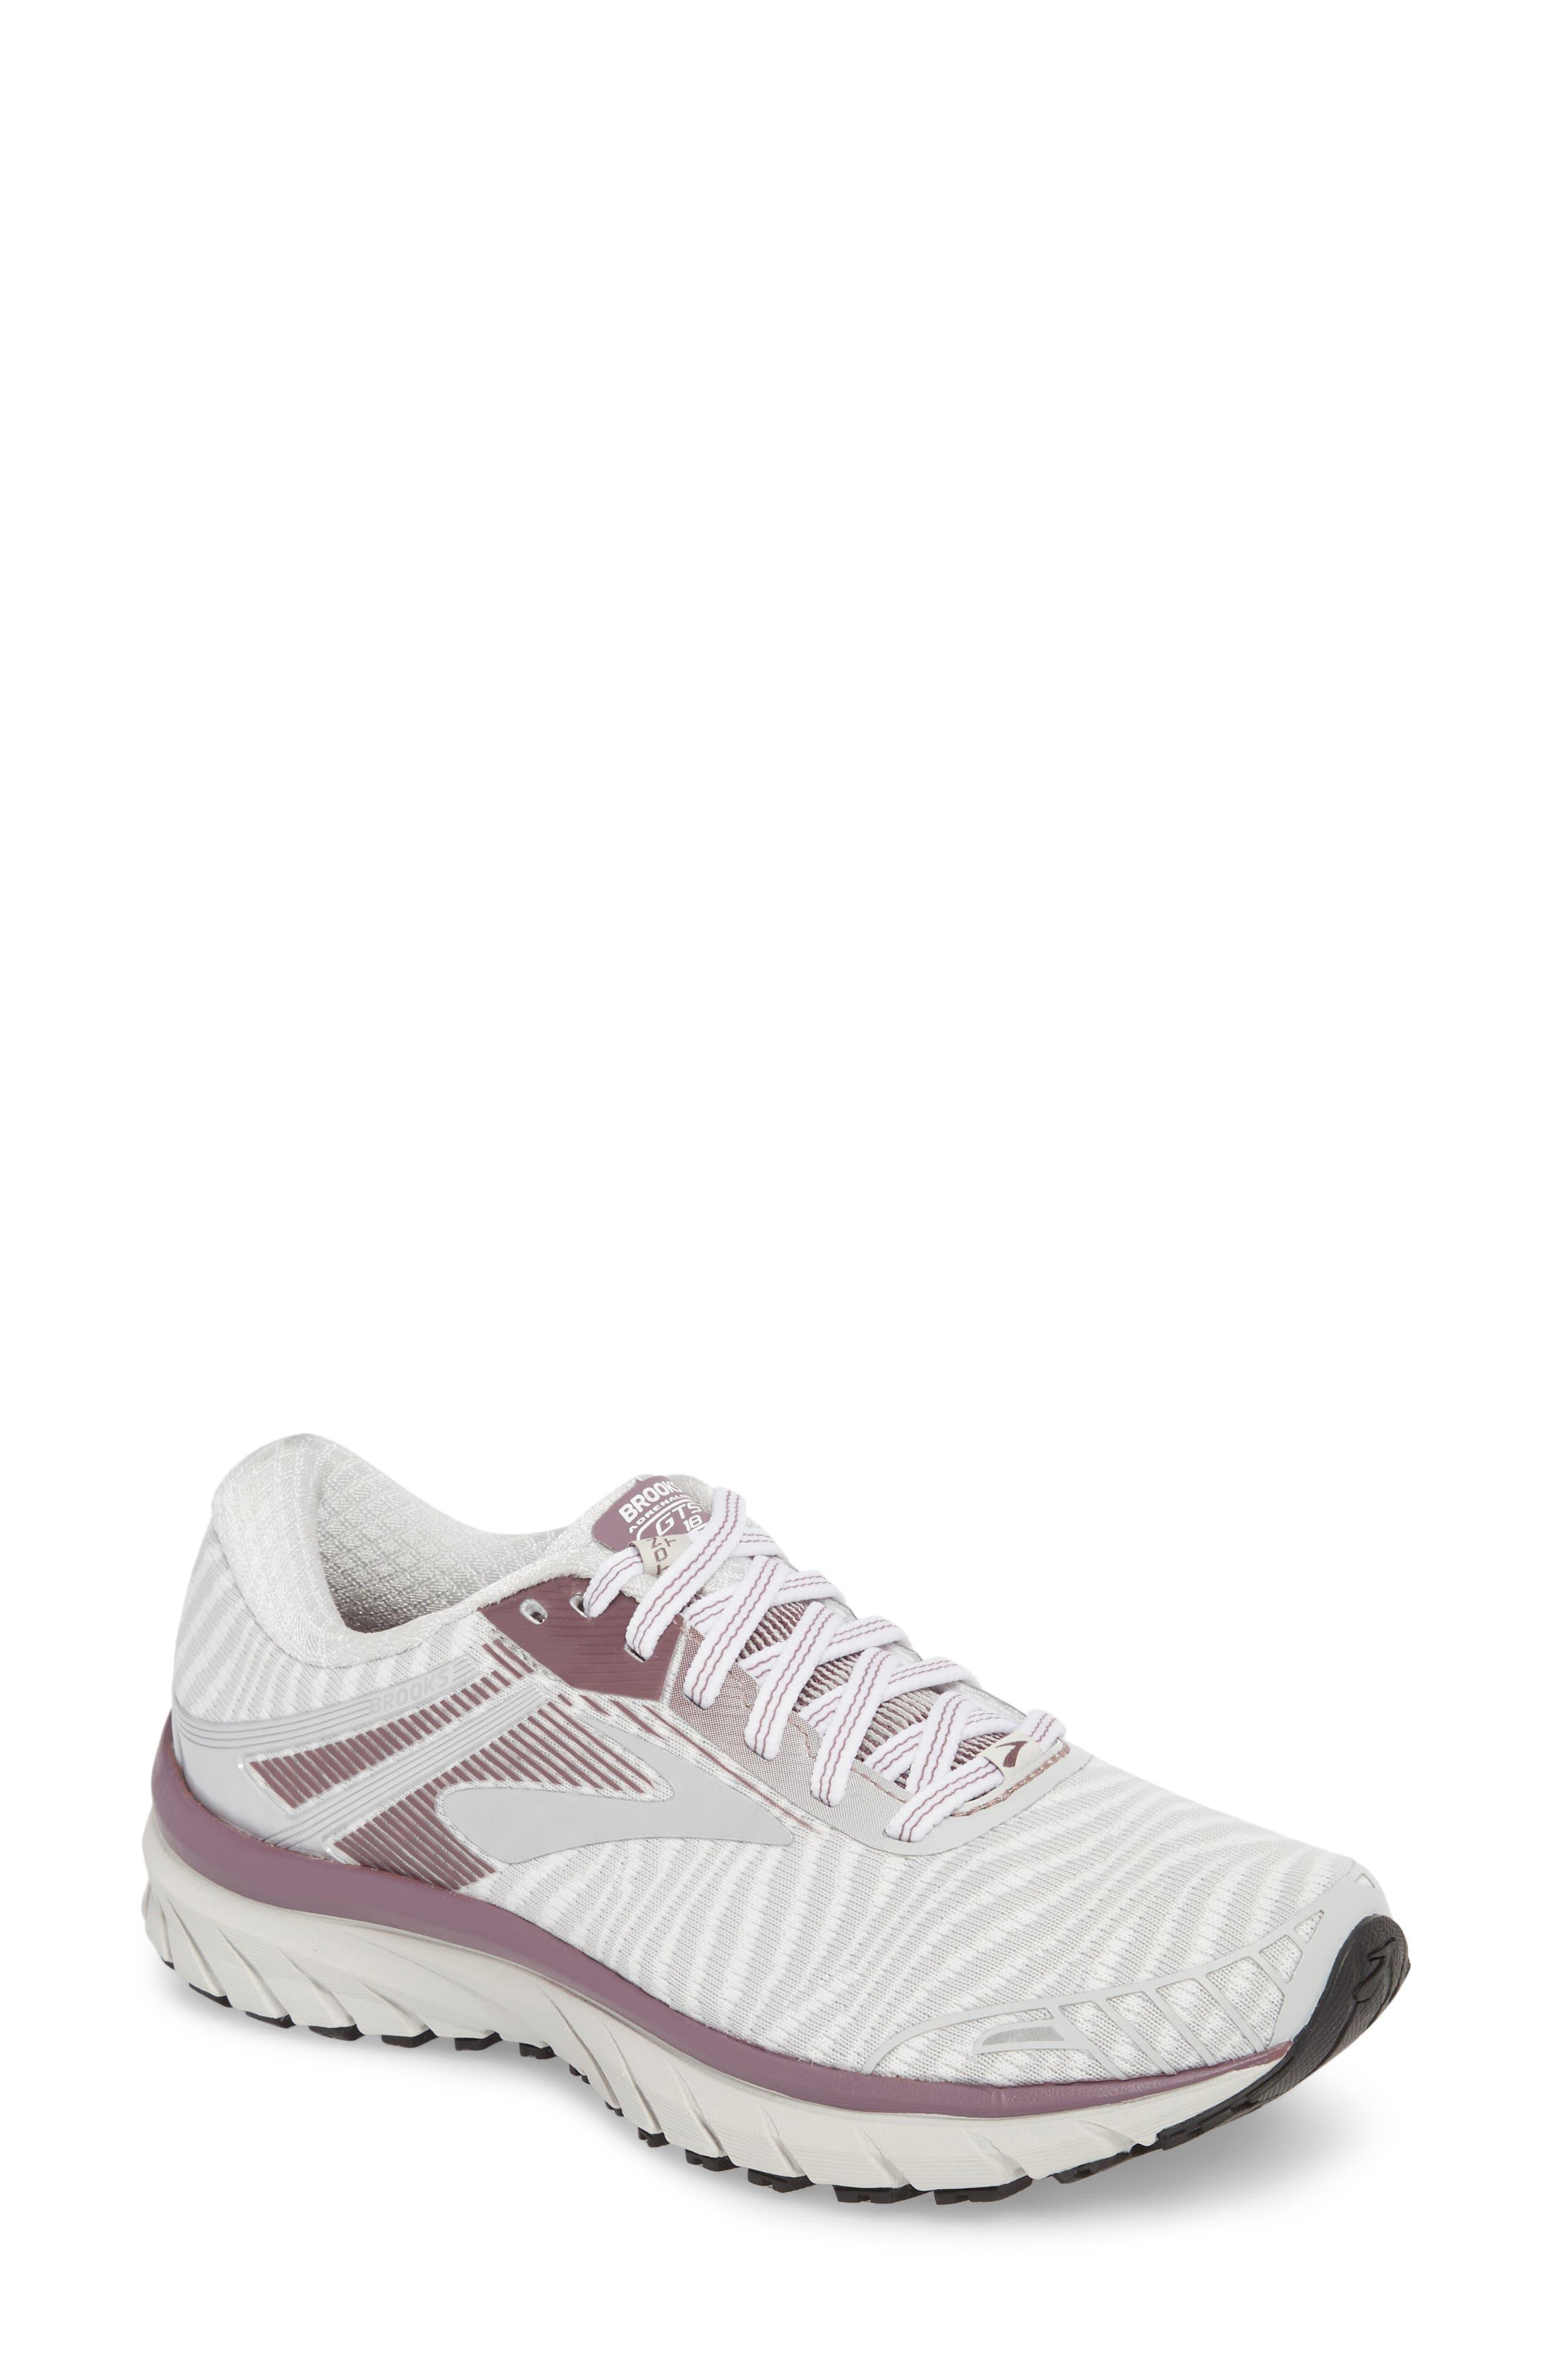 Brooks Adrenaline GTS 18 Running Shoe (Women)